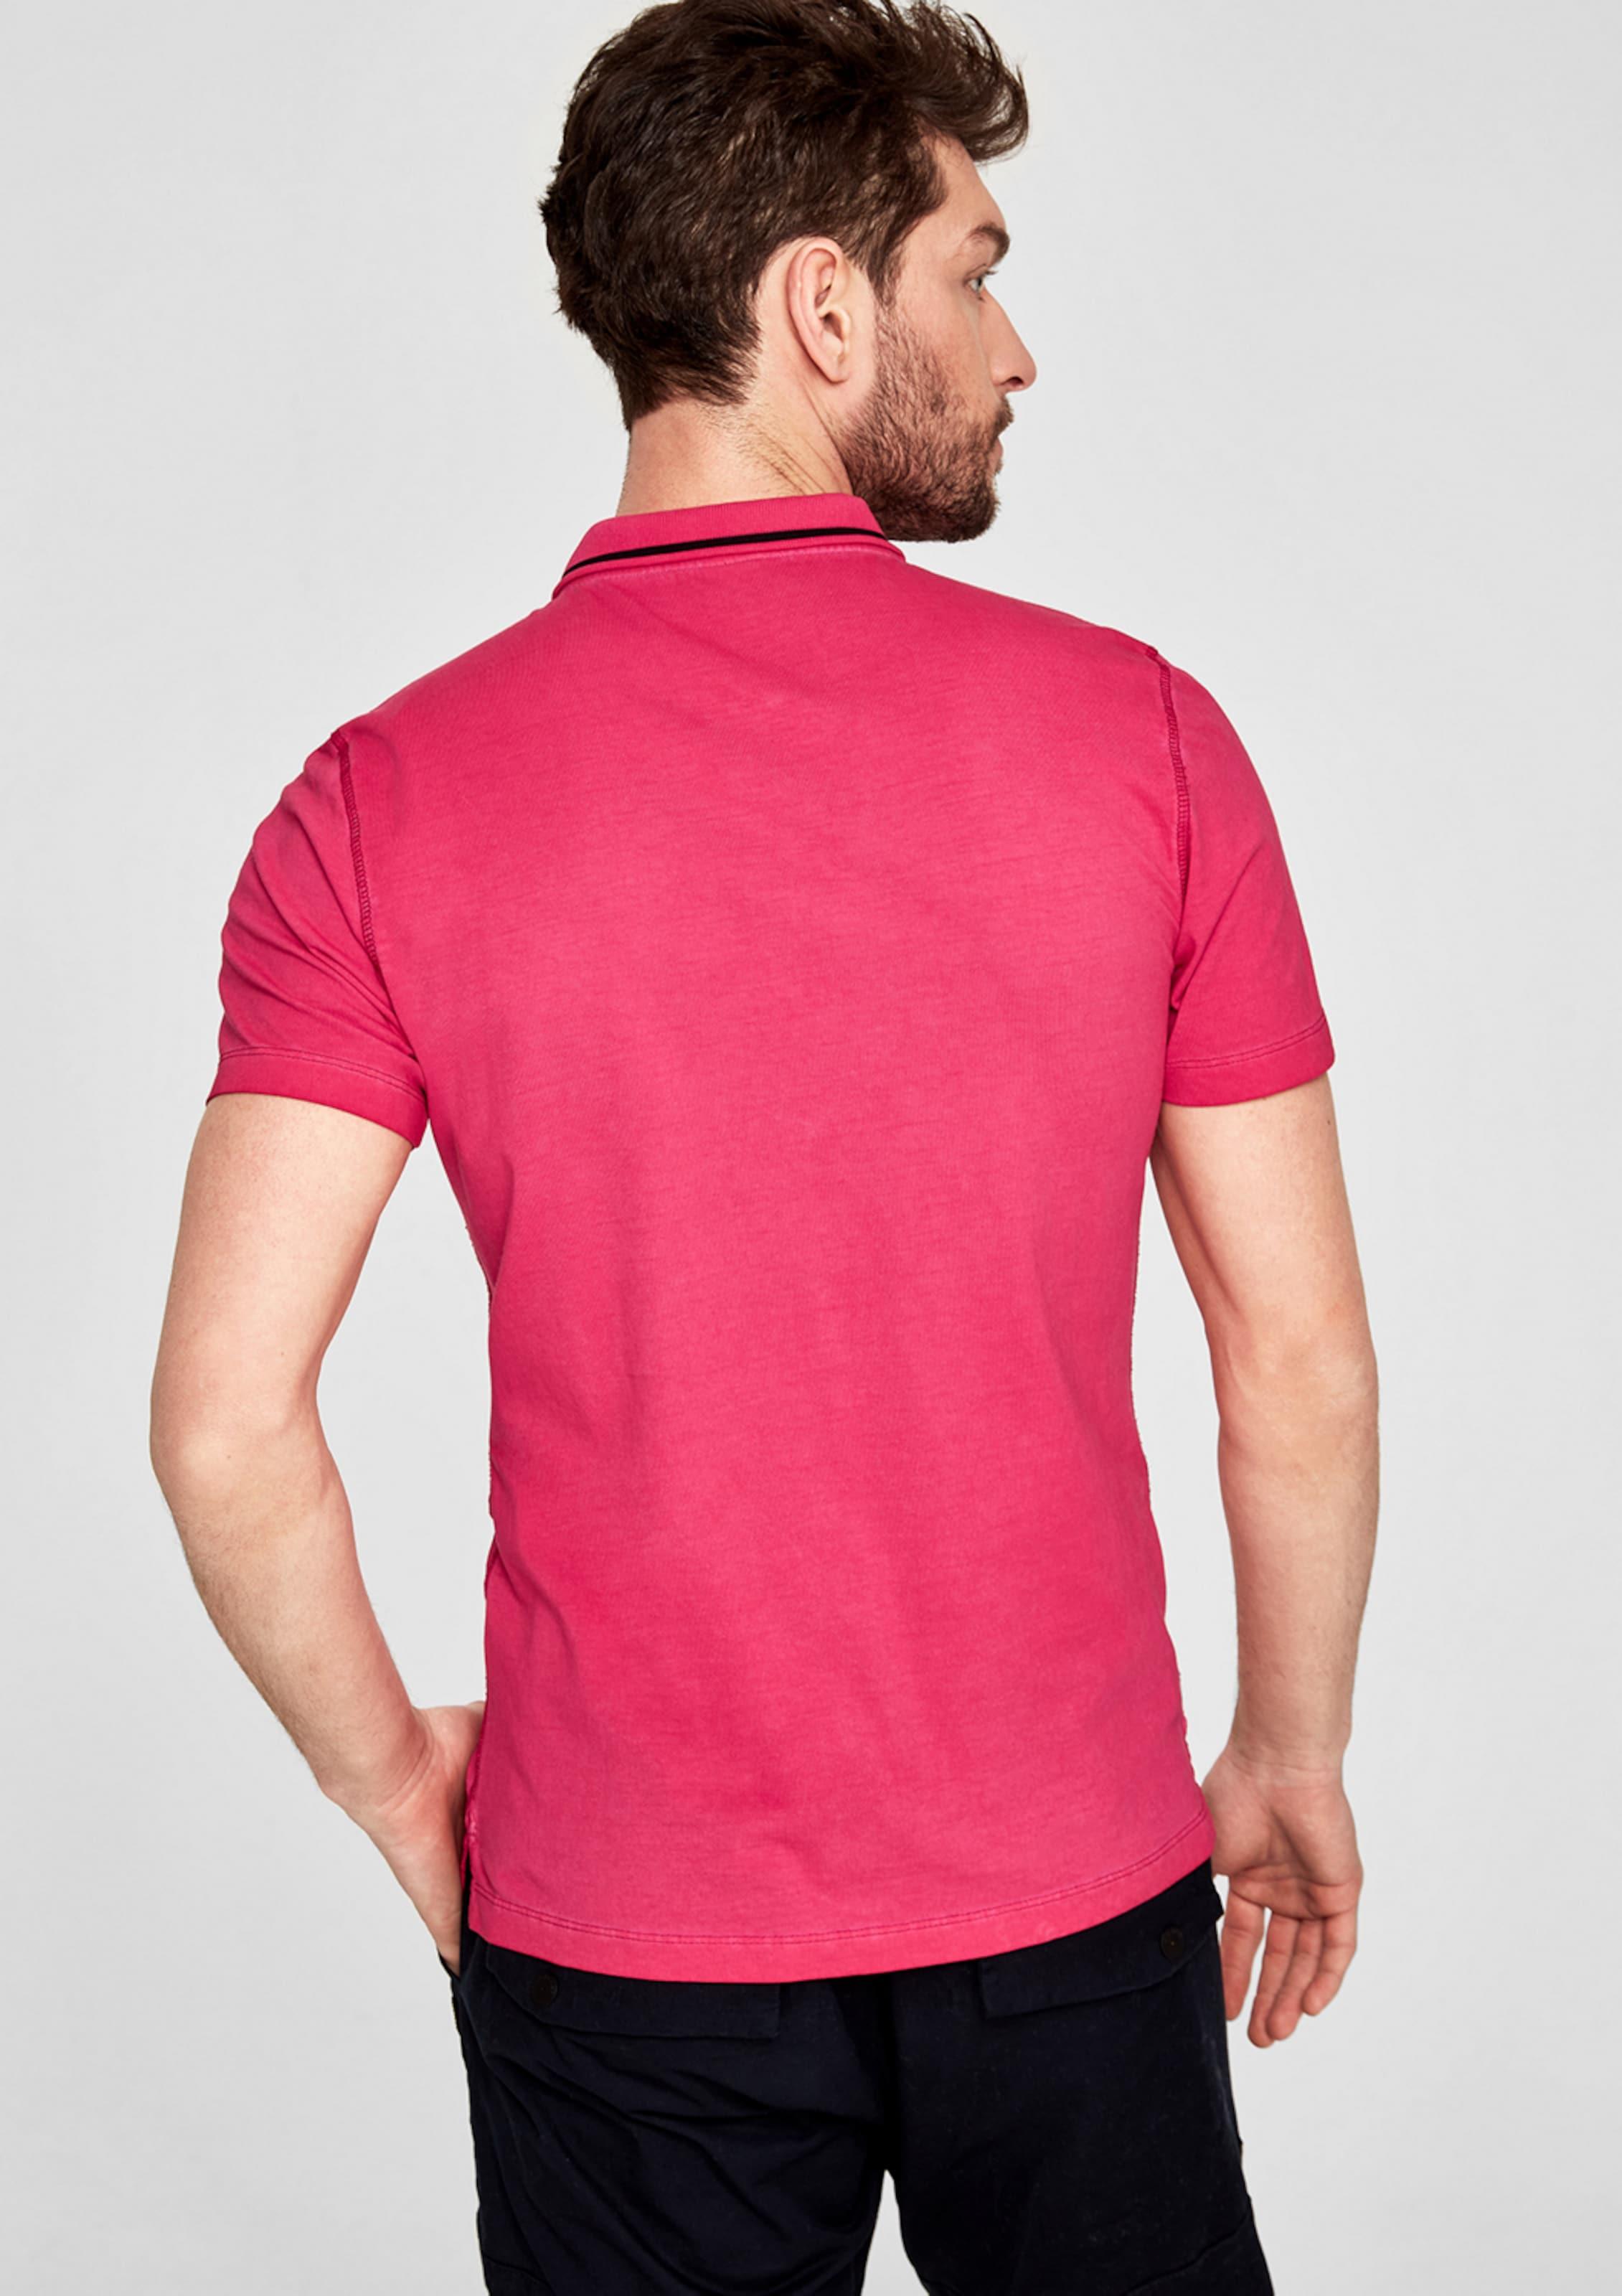 s.Oliver RED LABEL Slim: Poloshirt mit Wascheffekt Mit Kreditkarte Freiem Verschiffen Auslass Erhalten Zu Kaufen Freies Verschiffen Neue Billig Ausgezeichnet Yv94xa9L